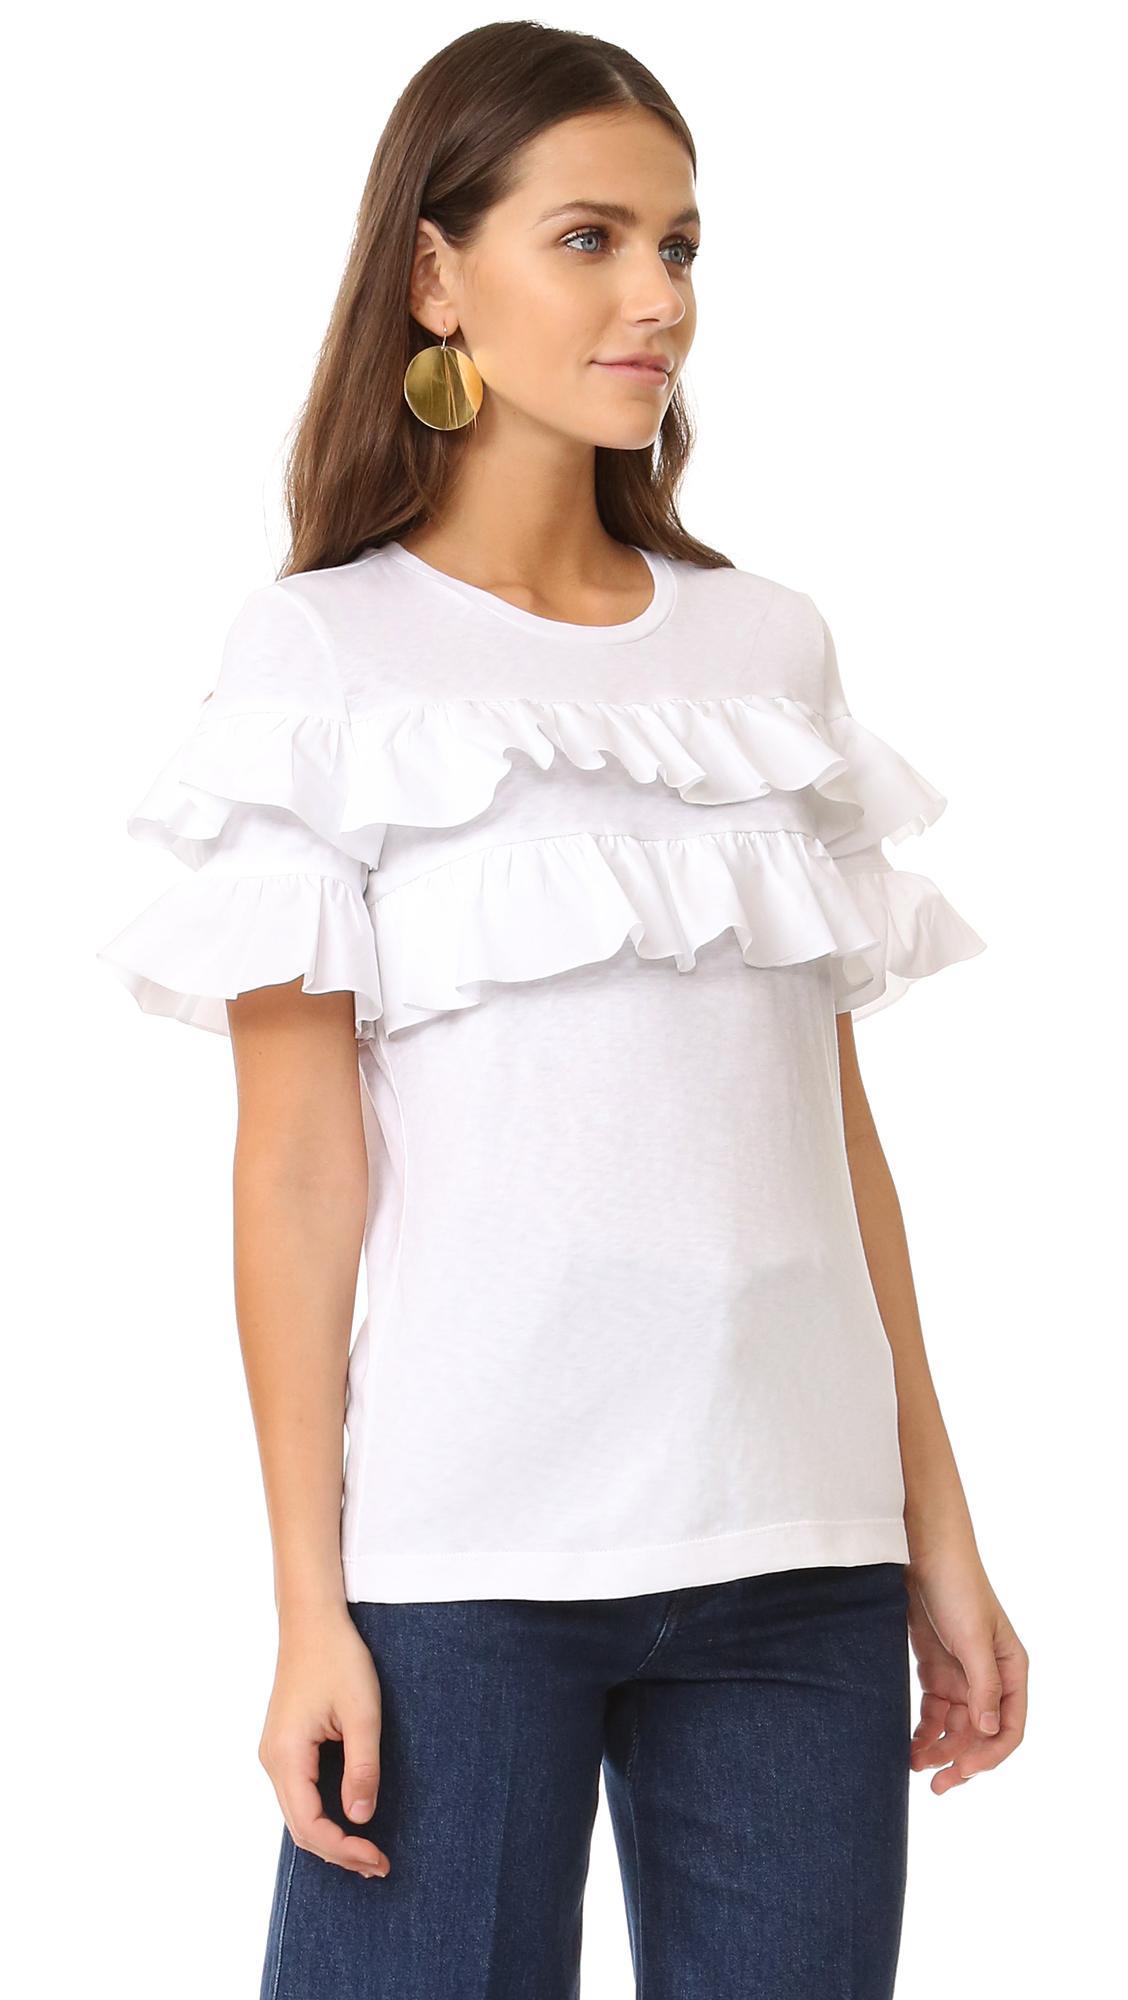 Tory burch lenox ruffle t shirt in white lyst for Tory burch t shirt